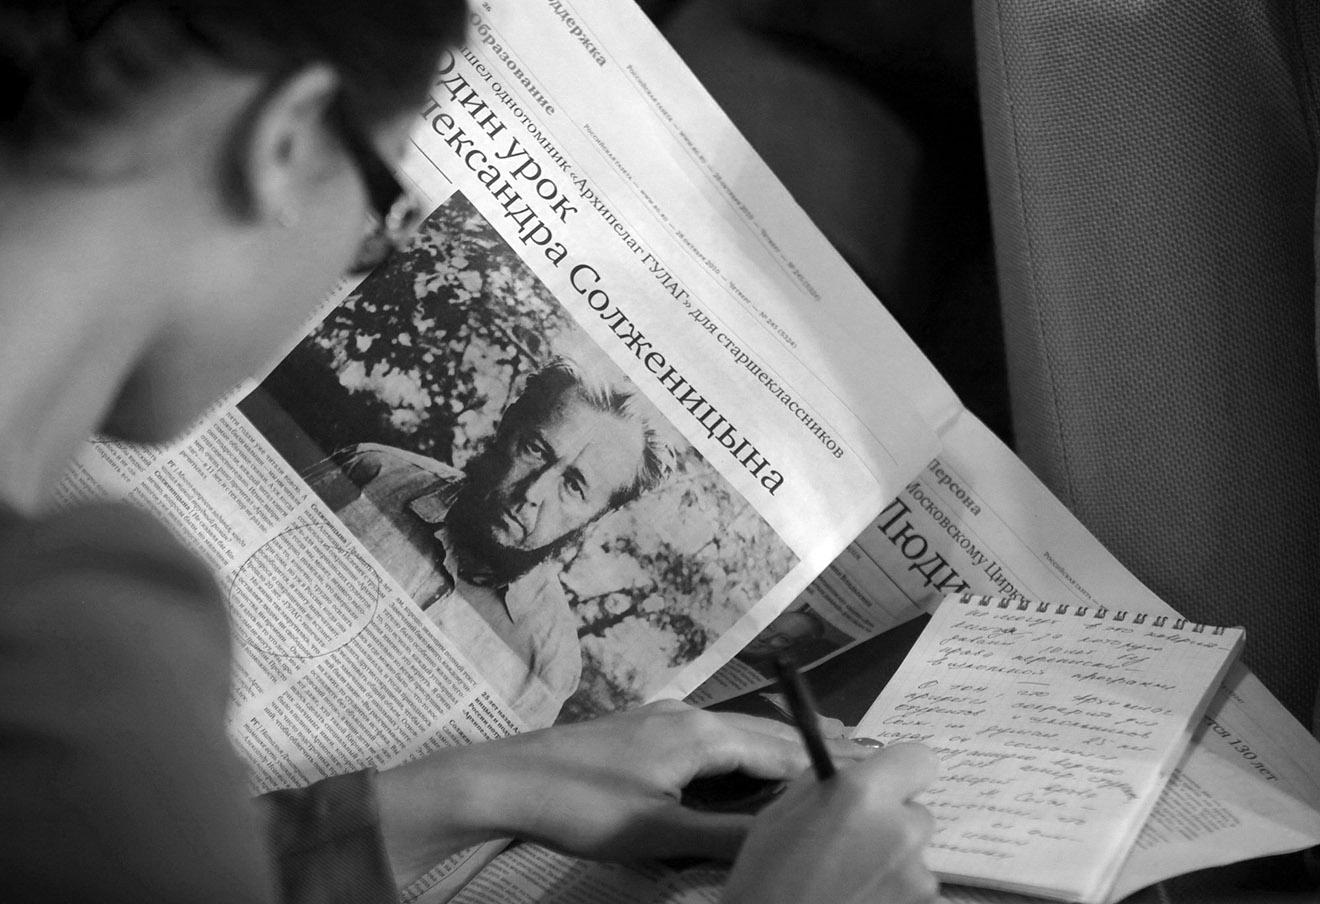 Фото: Антон Луканин / ТАСС